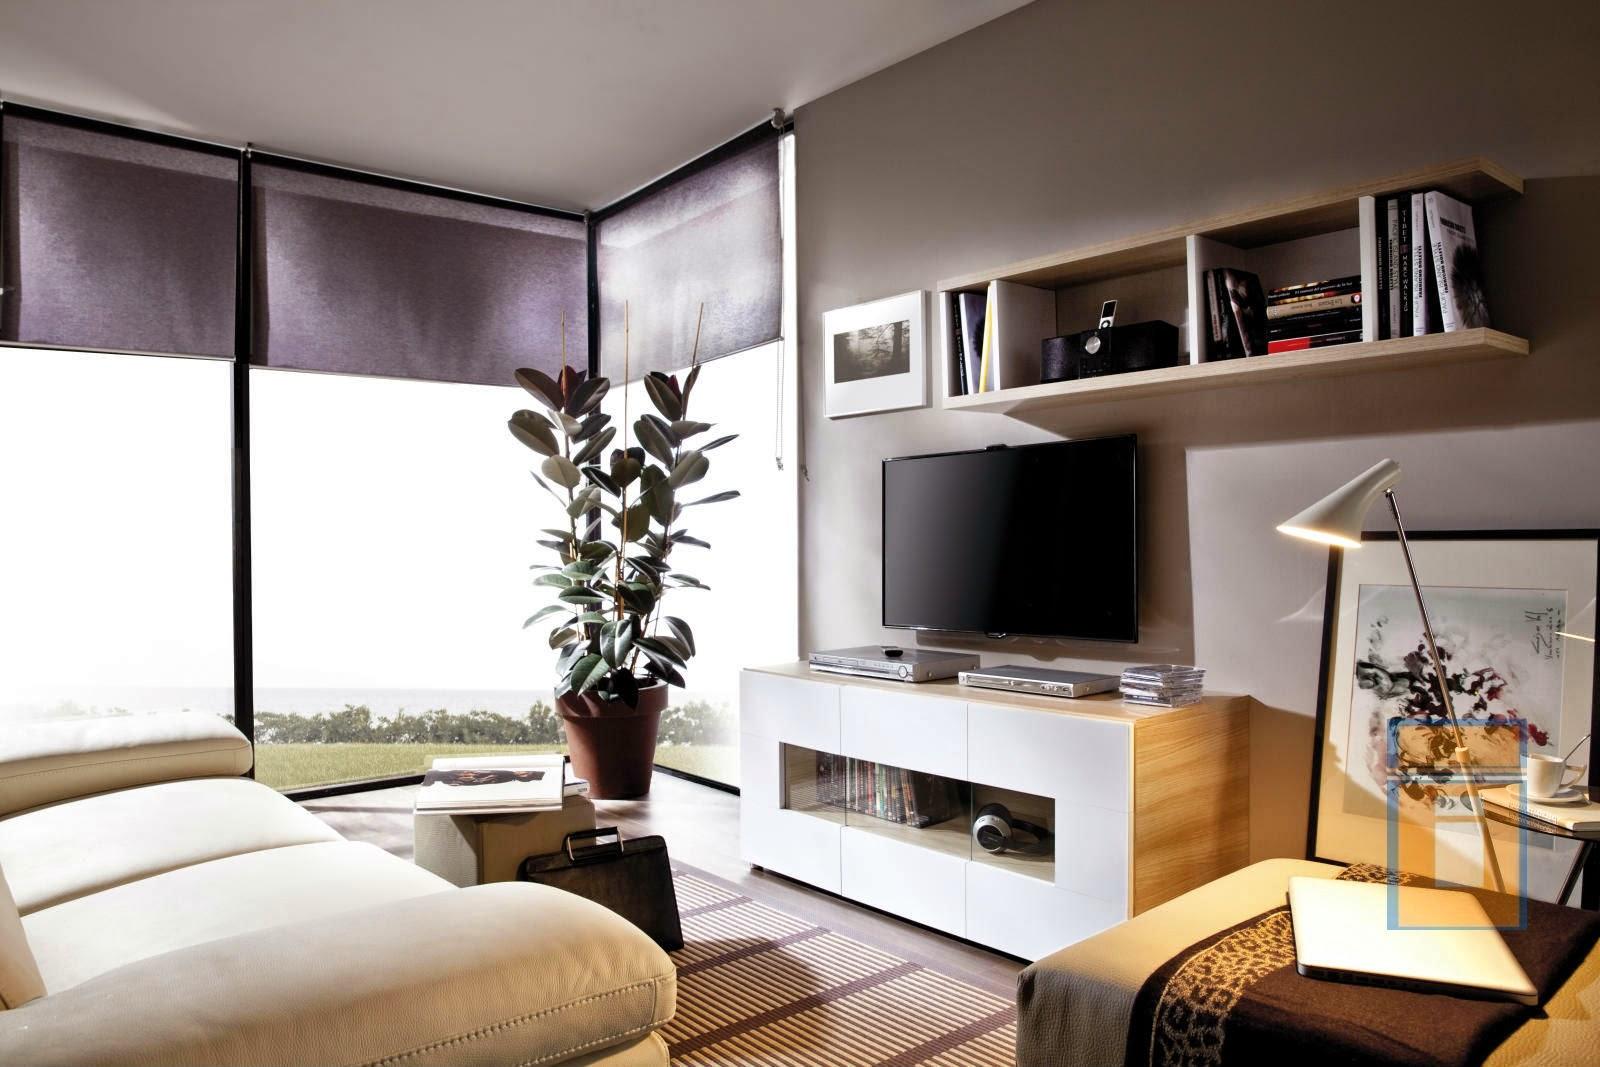 Armimobel muebles con vida comedores modulares hazlo for Modulares de comedor